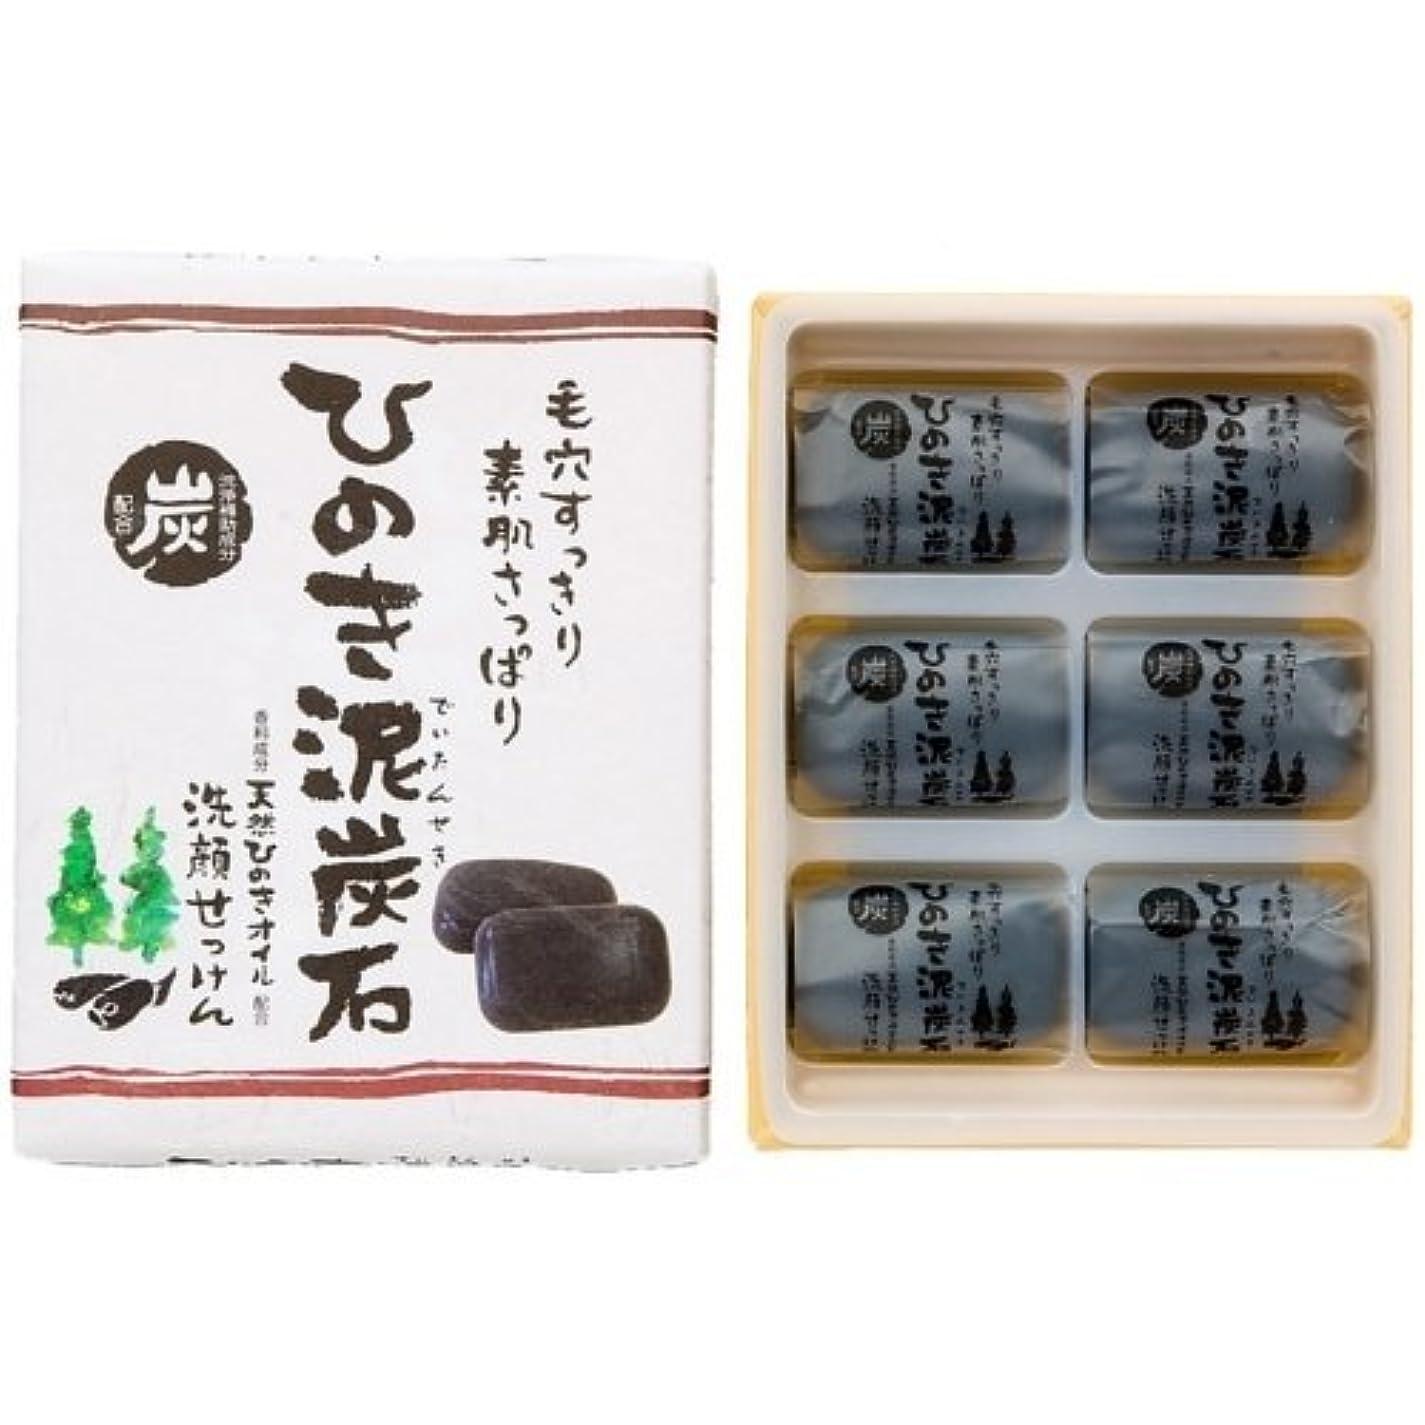 優しさスクランブルコンパスひのき泥炭石 すっきりタイプ 黒 30g×6個入